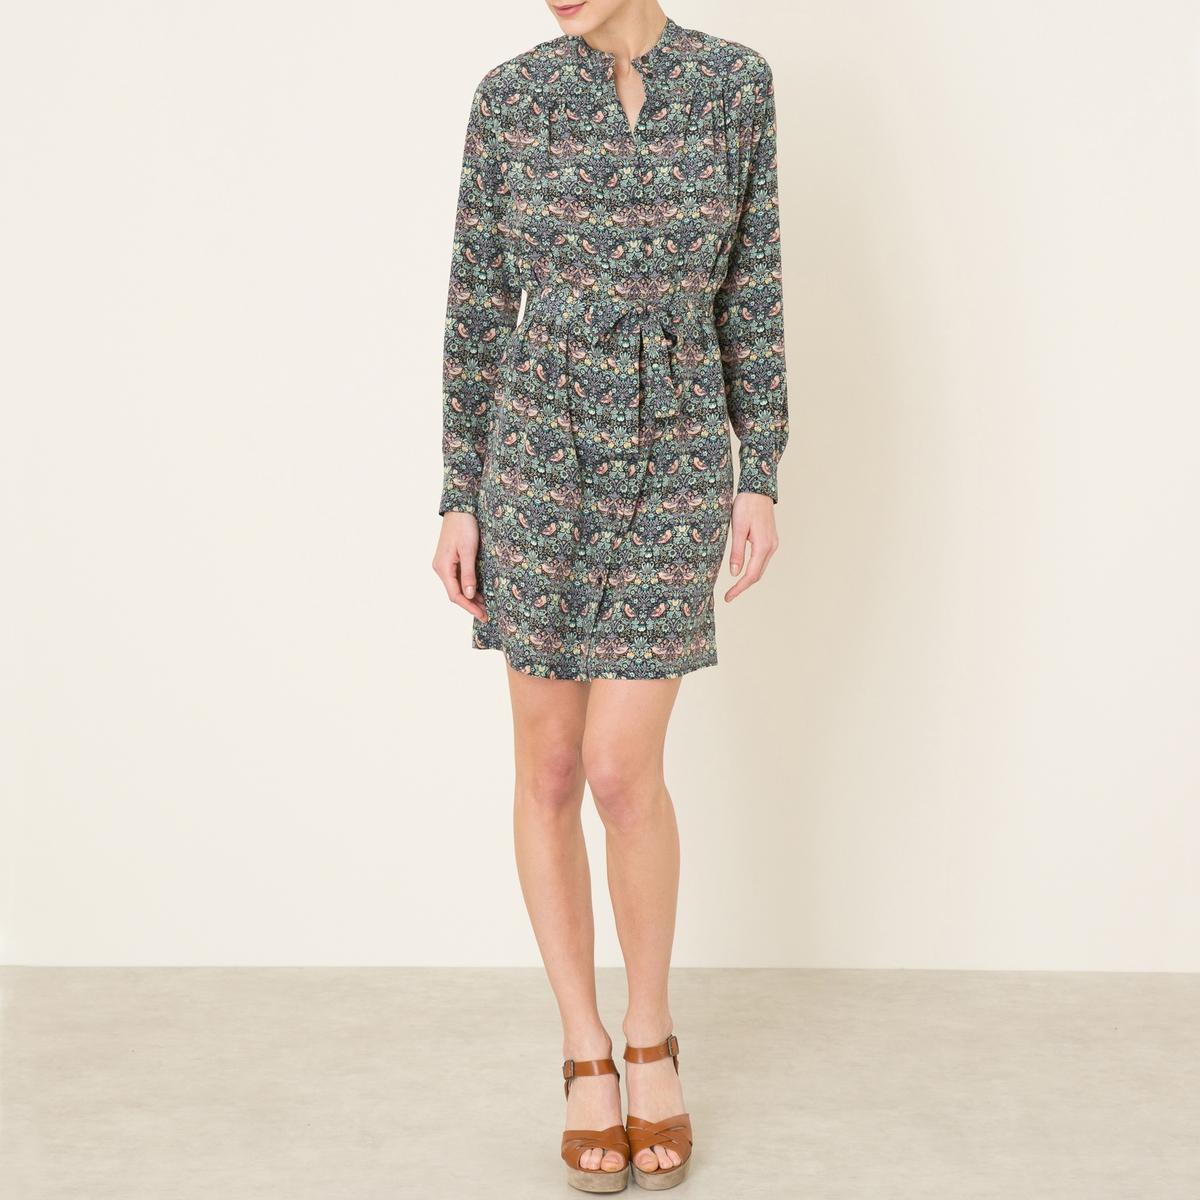 Платье DOLCEПлатье SESSUN- модель DOLCE из шелка. Длинные рукава. Застежка на пуговицы. Завязки на поясе.   Состав и описание   Материал : 100% шелк   Марка :  SESSUN<br><br>Цвет: серый